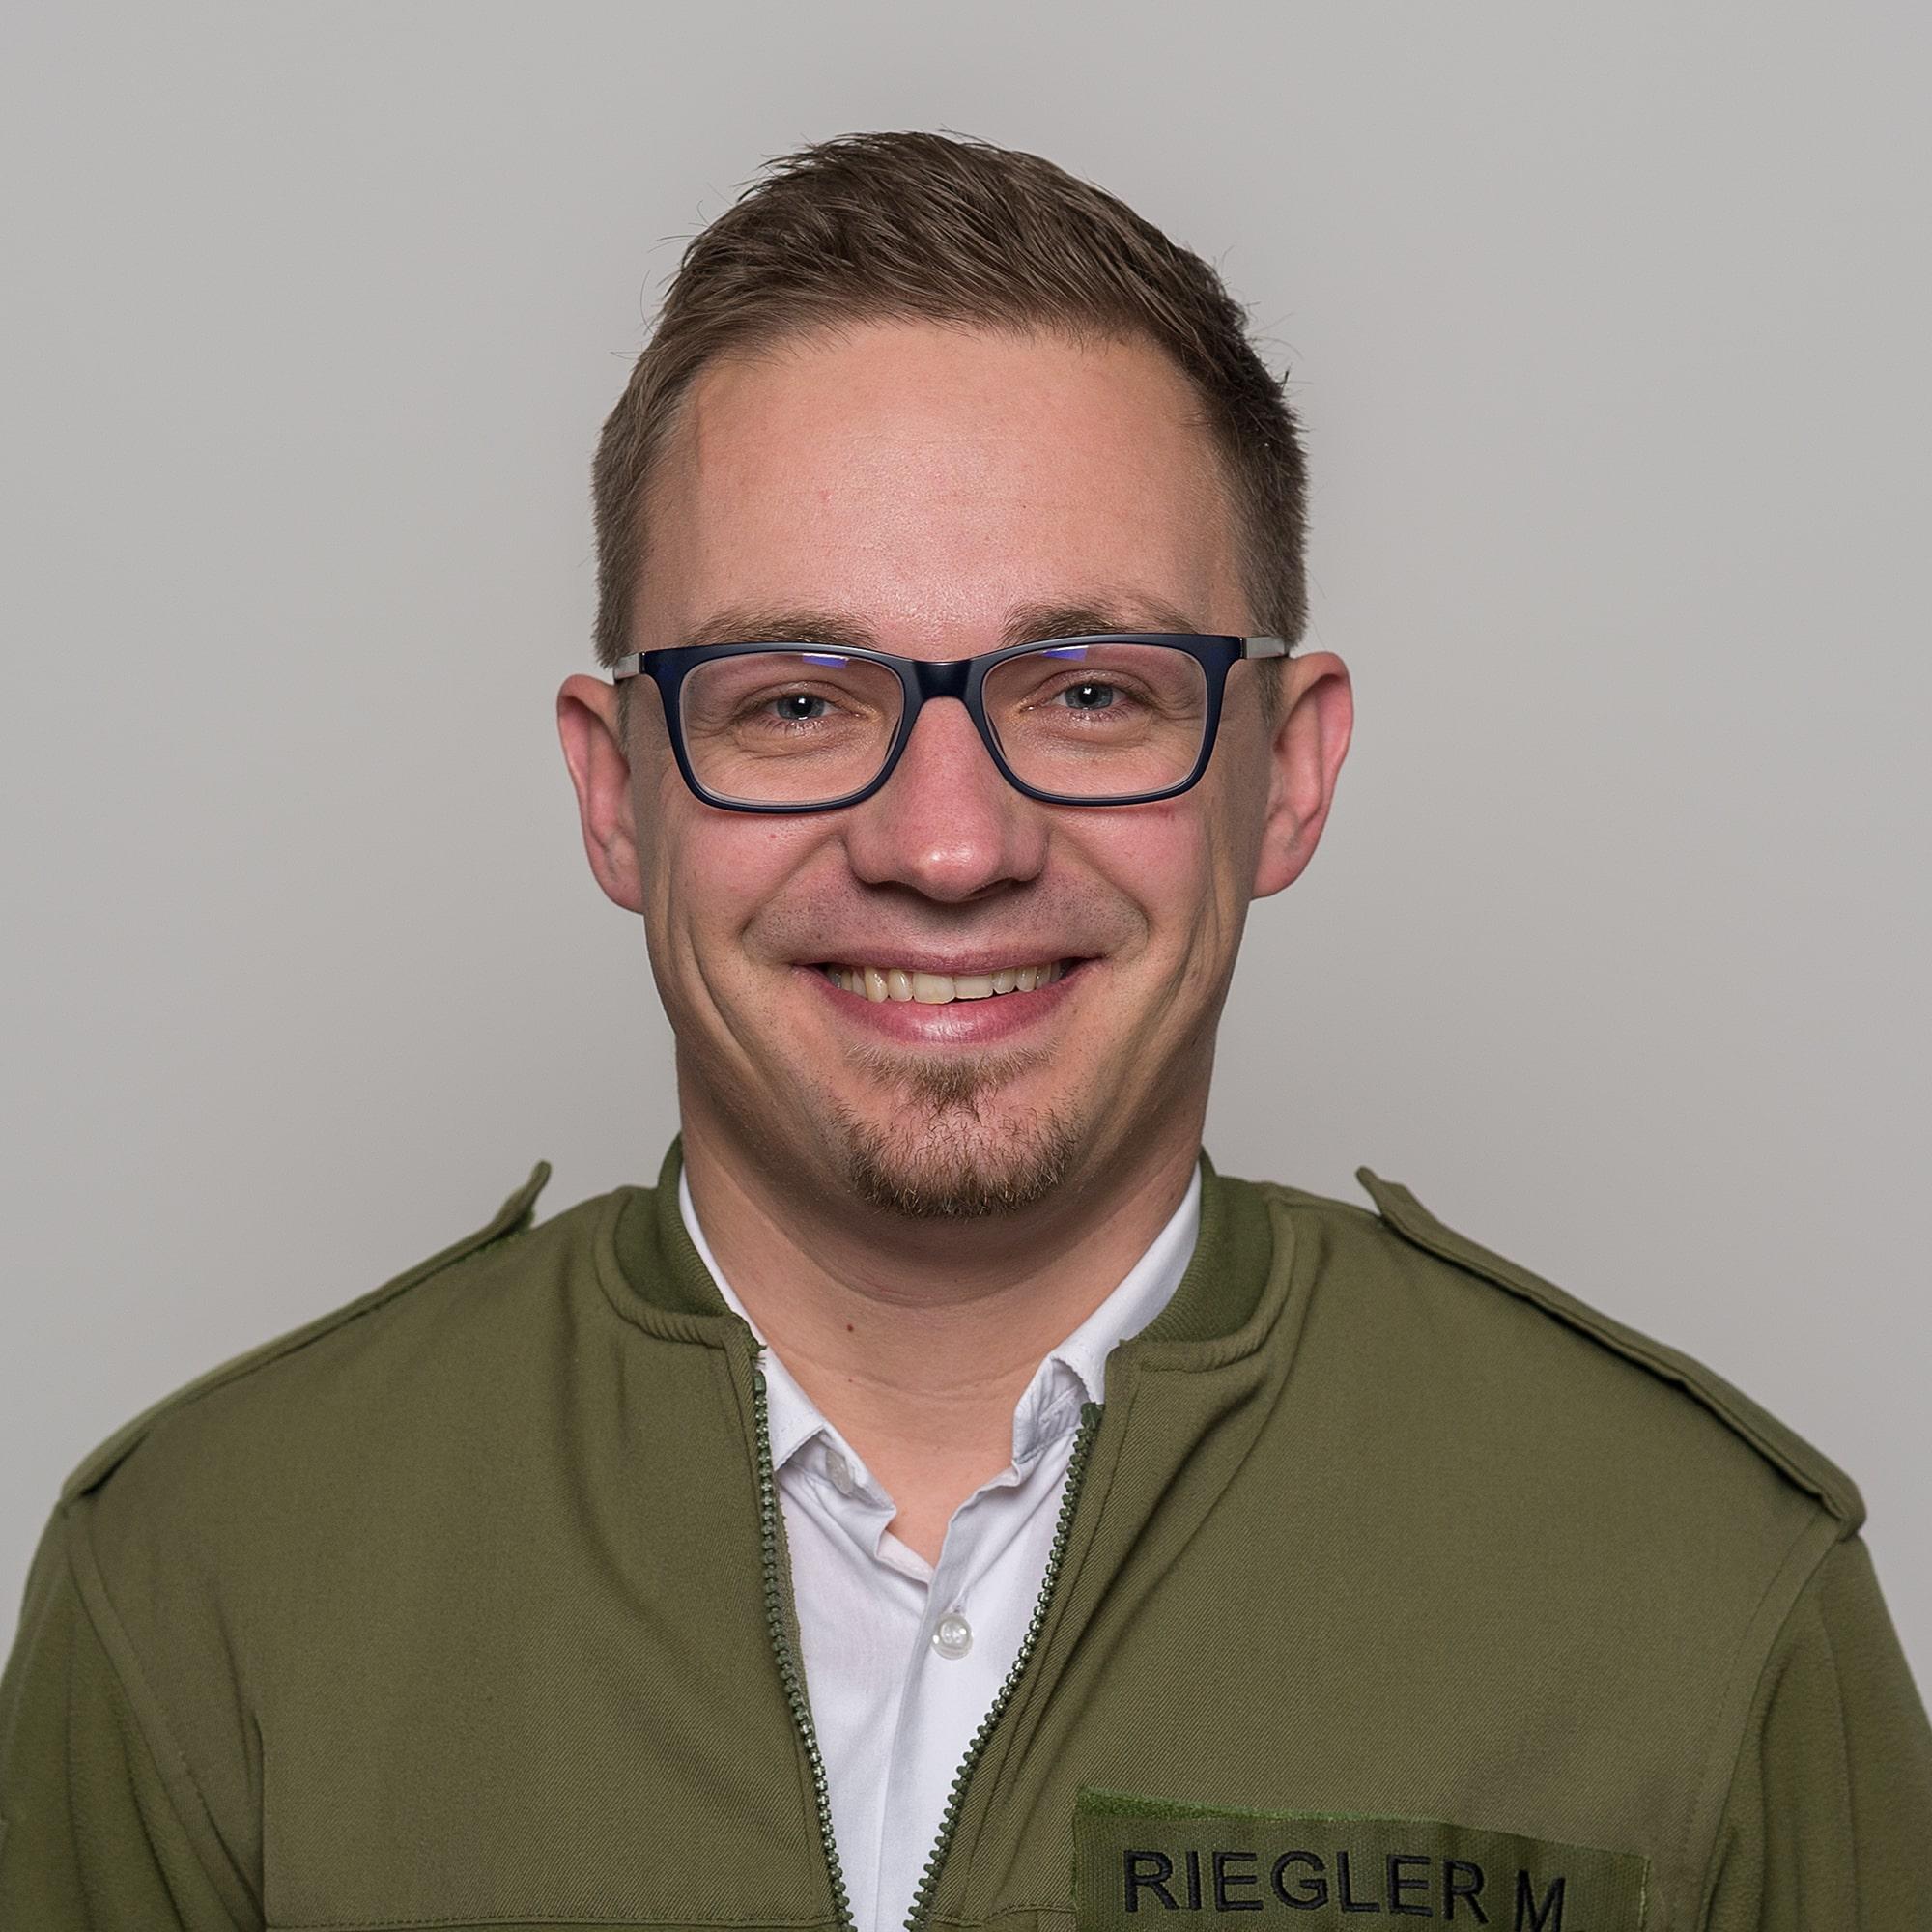 HAW Michael Riegler